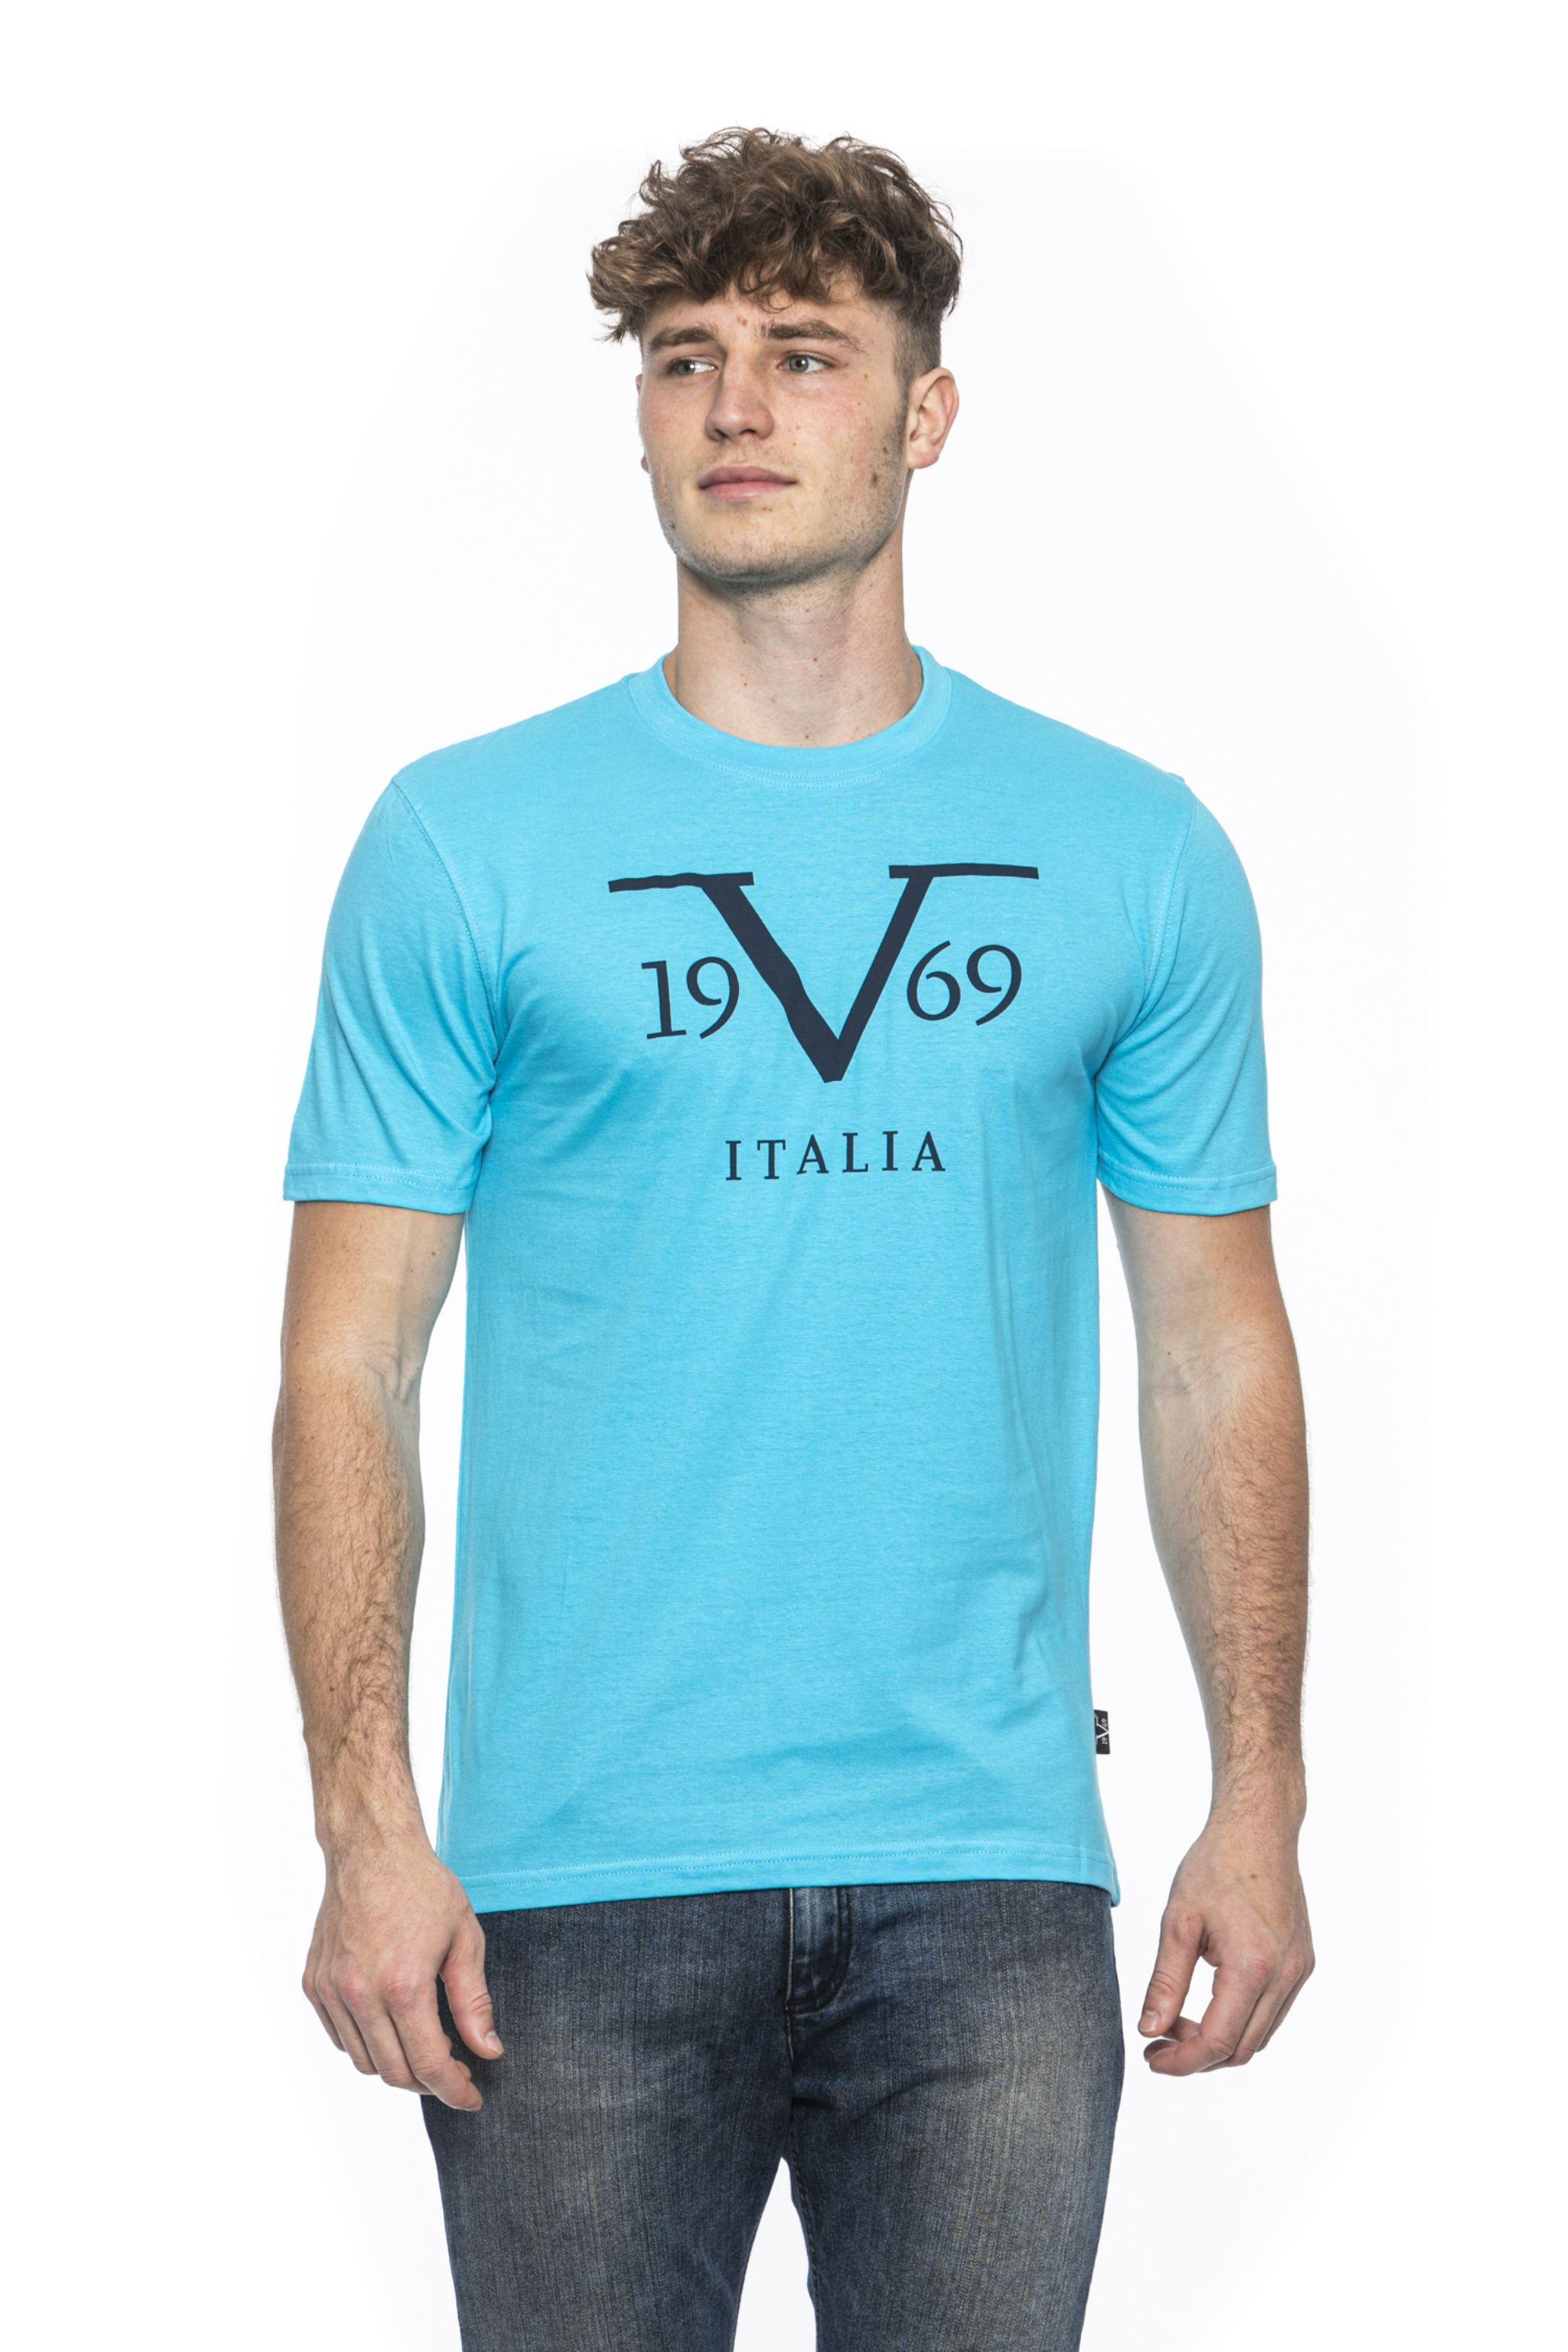 Marchio 19v69 Italia Genere Uomo Tipologia Polo Stagione Primavera/Estate  …